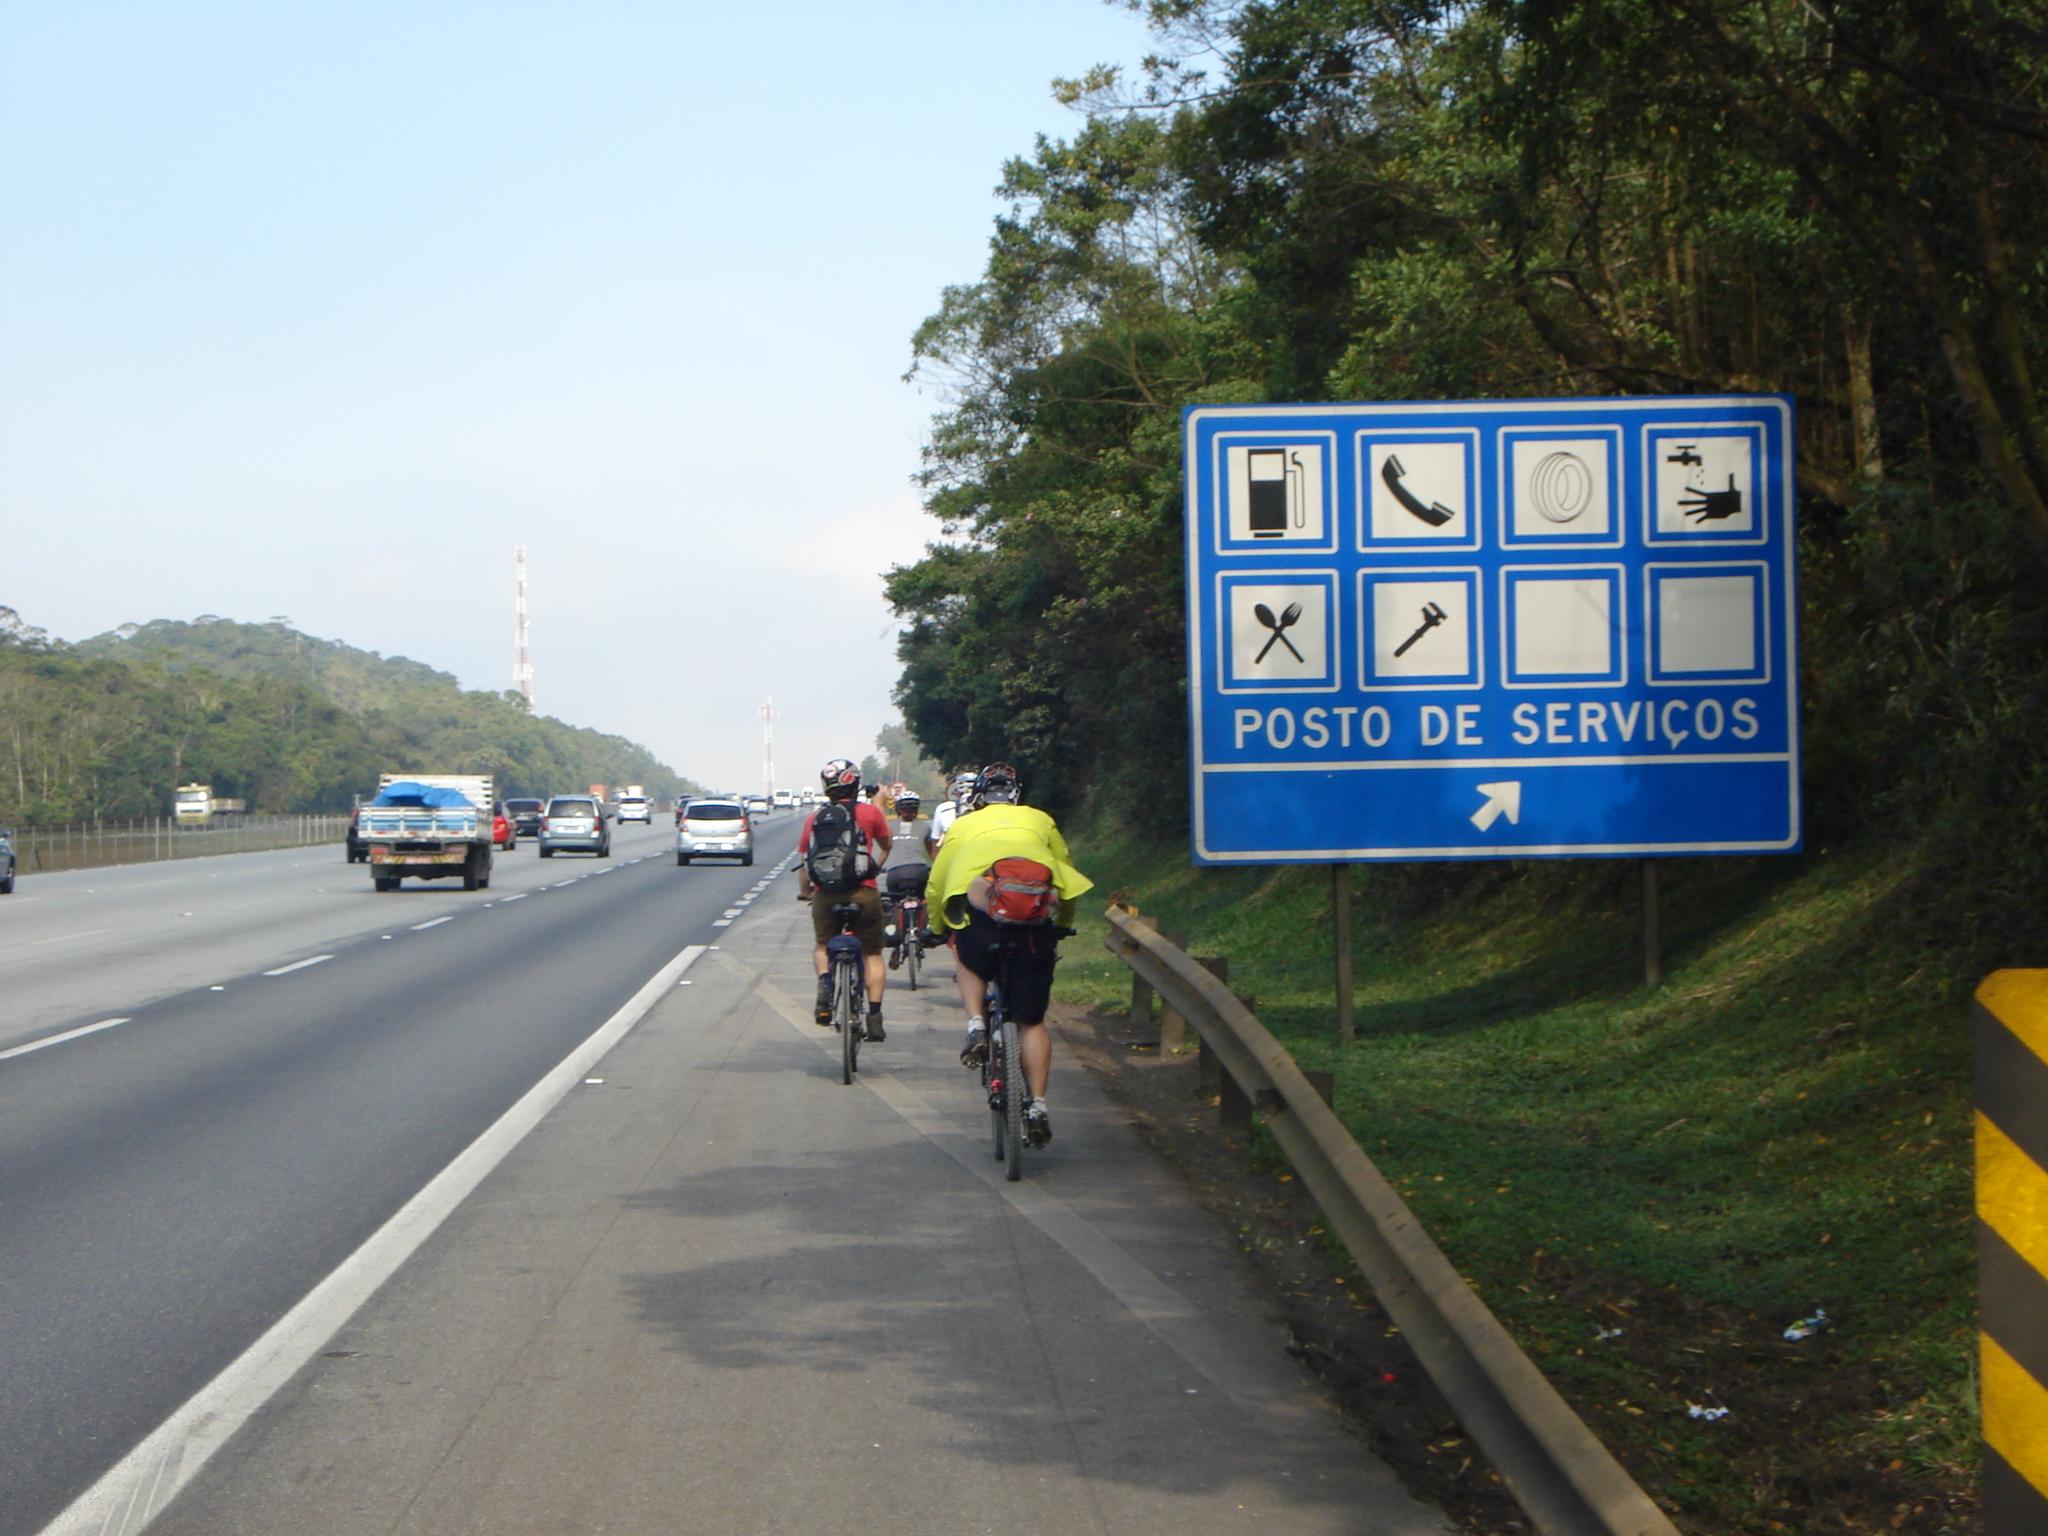 Em estradas sem ciclovia, ciclistas tem direito de usar o acostamento, previsto no Código de Trânsito. Foto: Vá de Bike